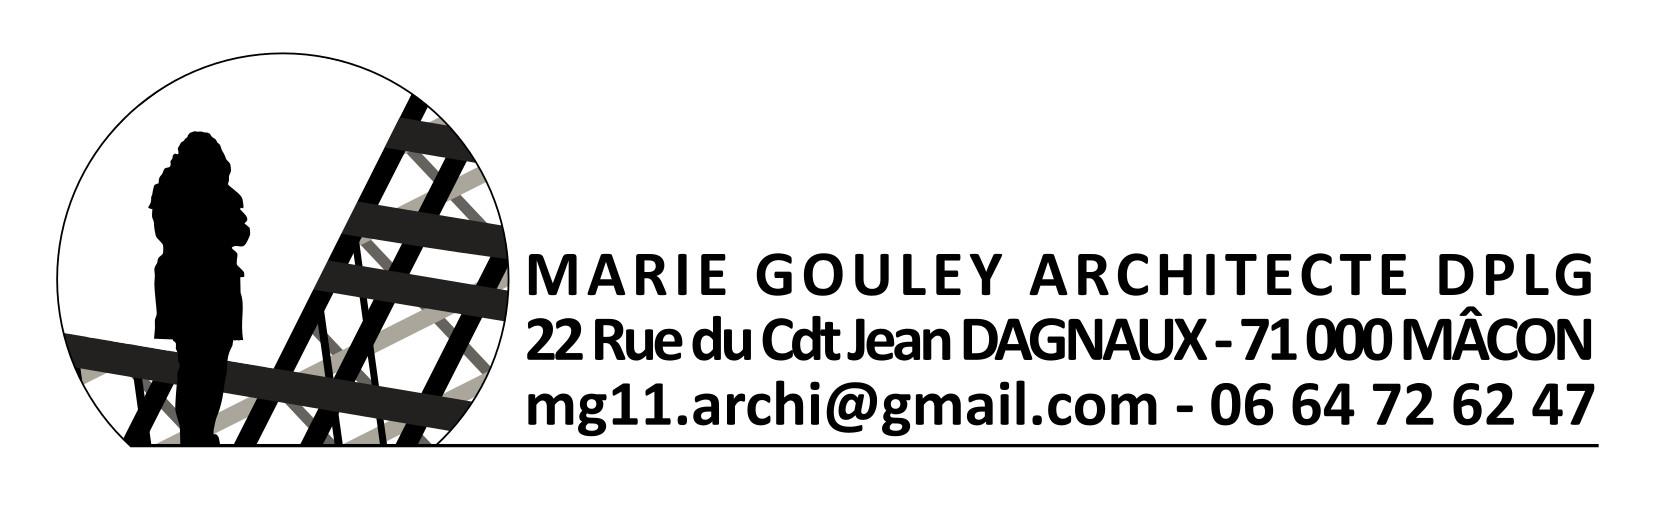 Marie gouley architecte dplg ordre des architectes for Definition architecte dplg